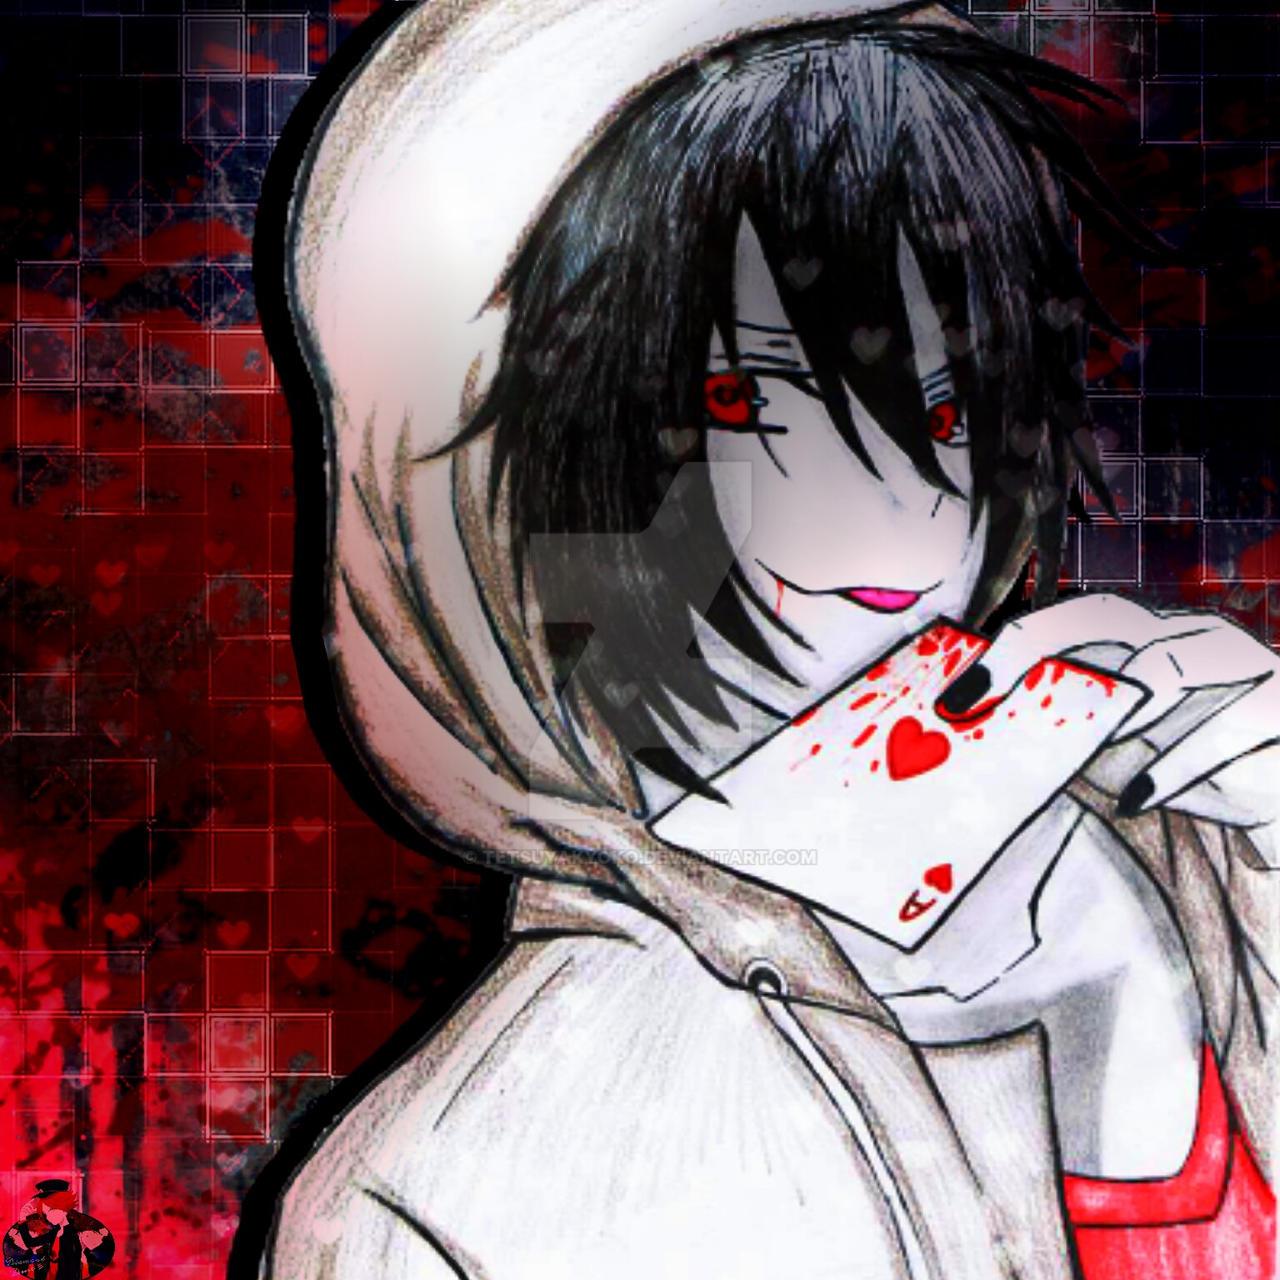 Jeff the killer anime version by TetsuyaKyoko on DeviantArt